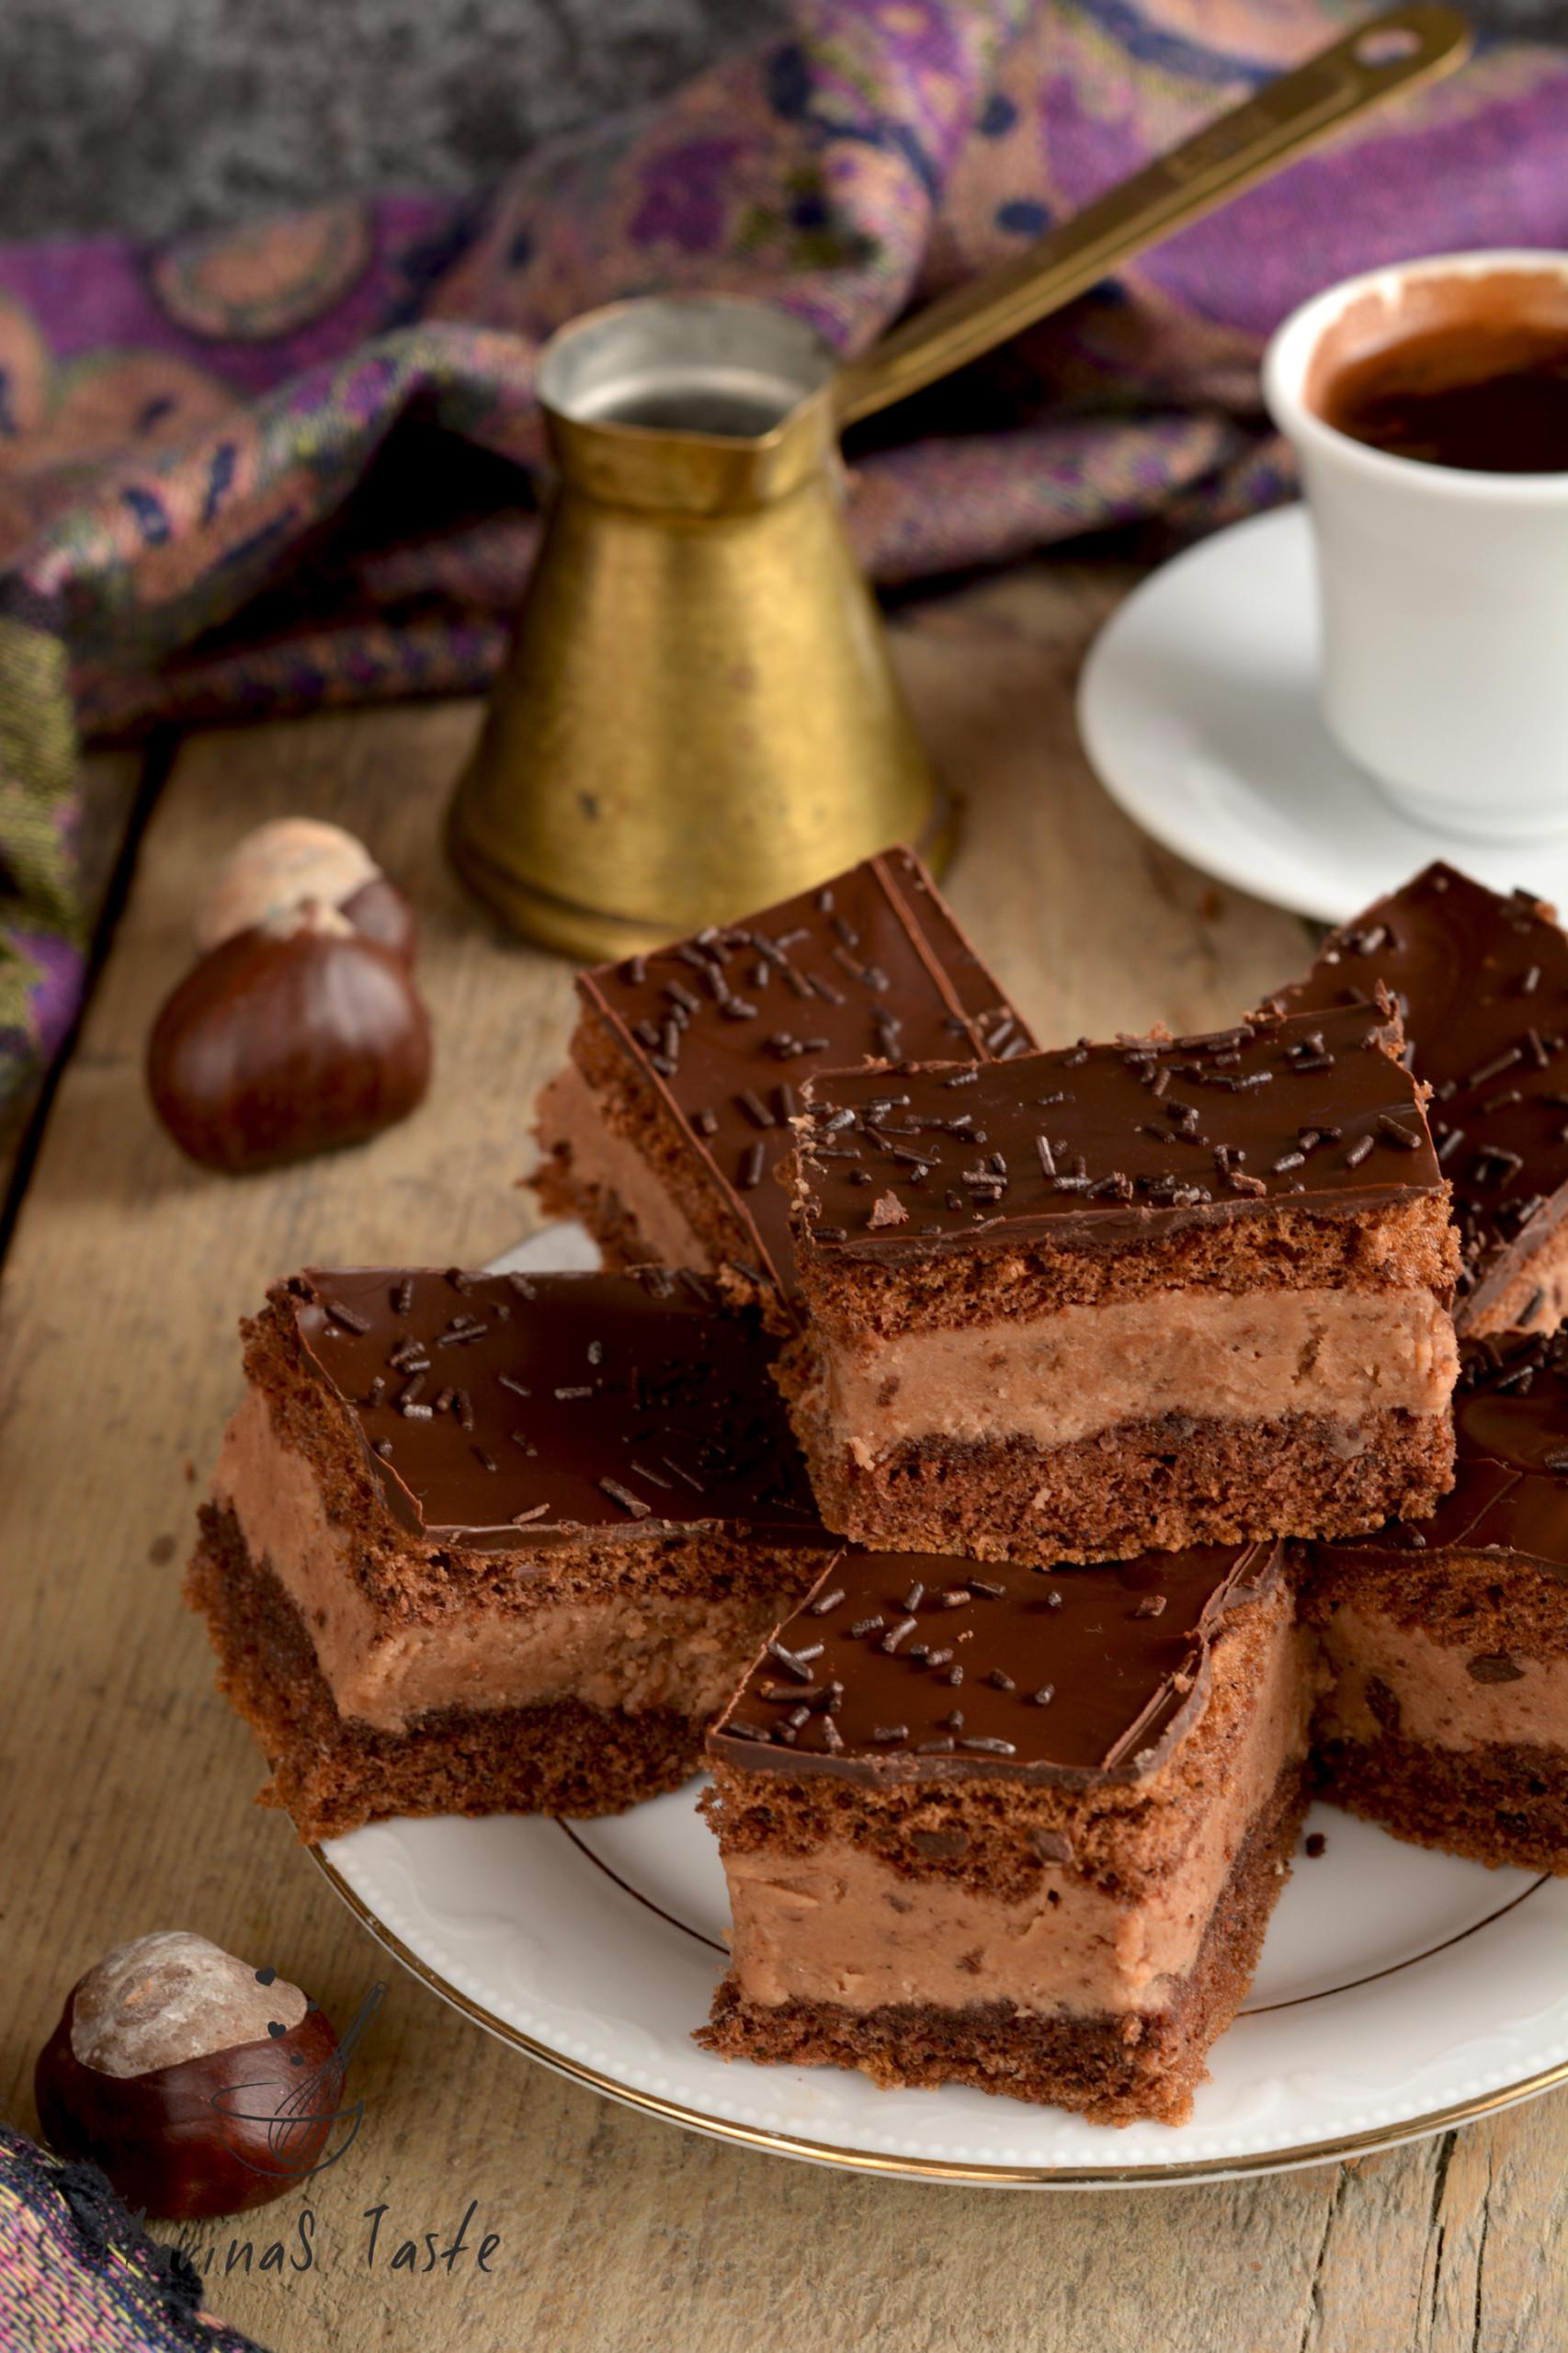 Cokoladni-kolac-sa-kestenom-3